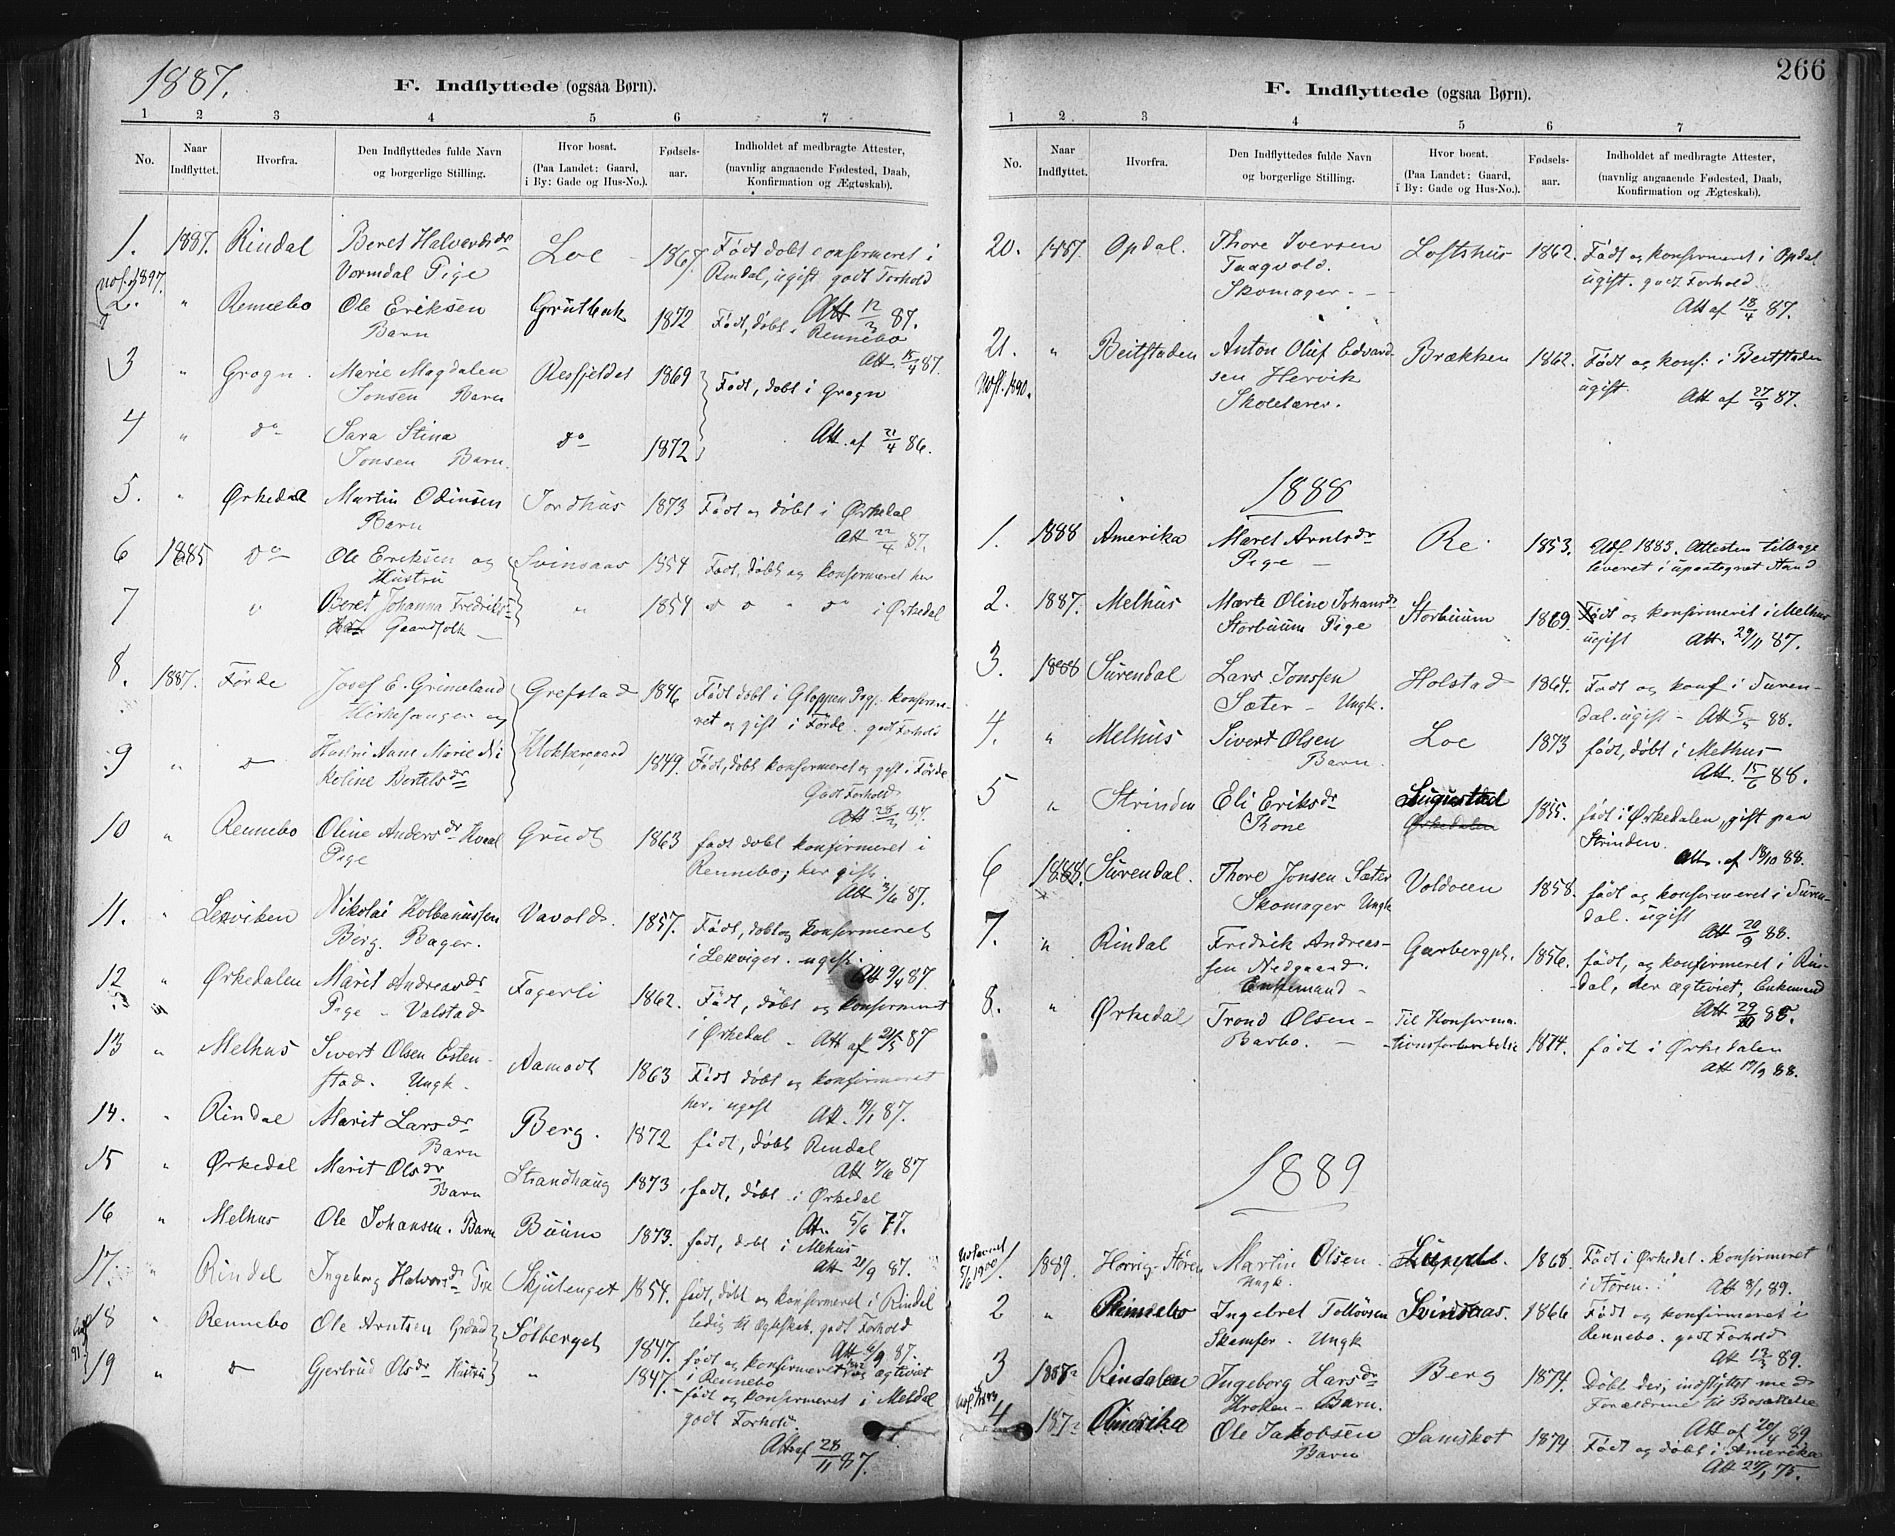 SAT, Ministerialprotokoller, klokkerbøker og fødselsregistre - Sør-Trøndelag, 672/L0857: Ministerialbok nr. 672A09, 1882-1893, s. 266